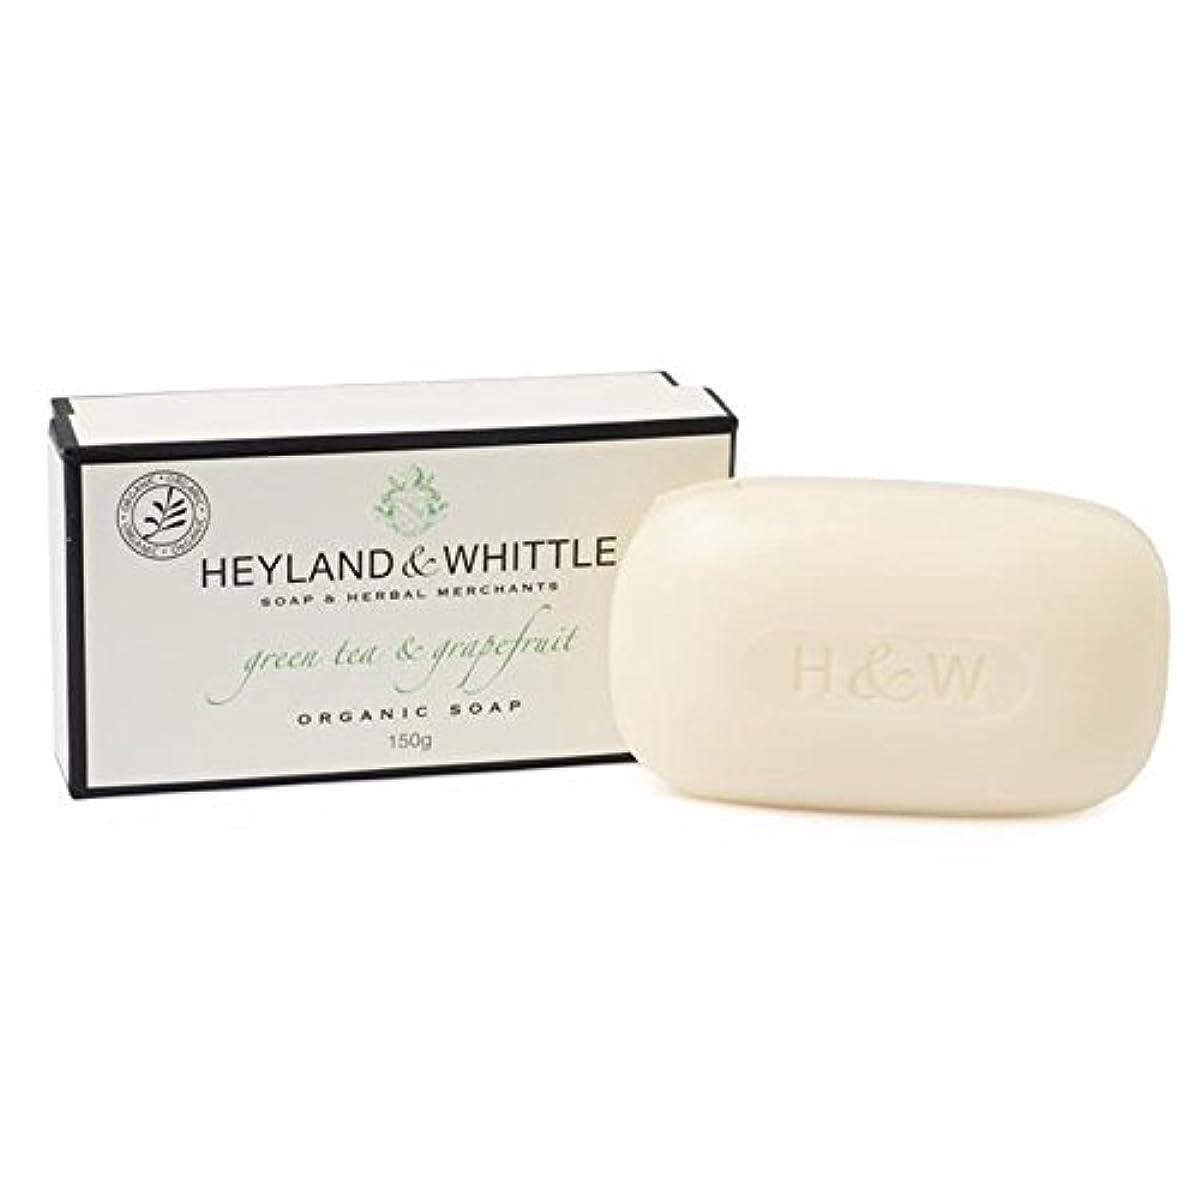 鼻と闘うしがみつく&削る緑茶&グレープフルーツはオーガニックソープ150グラム箱入り x4 - Heyland & Whittle Green Tea & Grapefruit Boxed Organic Soap 150g (Pack of 4) [並行輸入品]